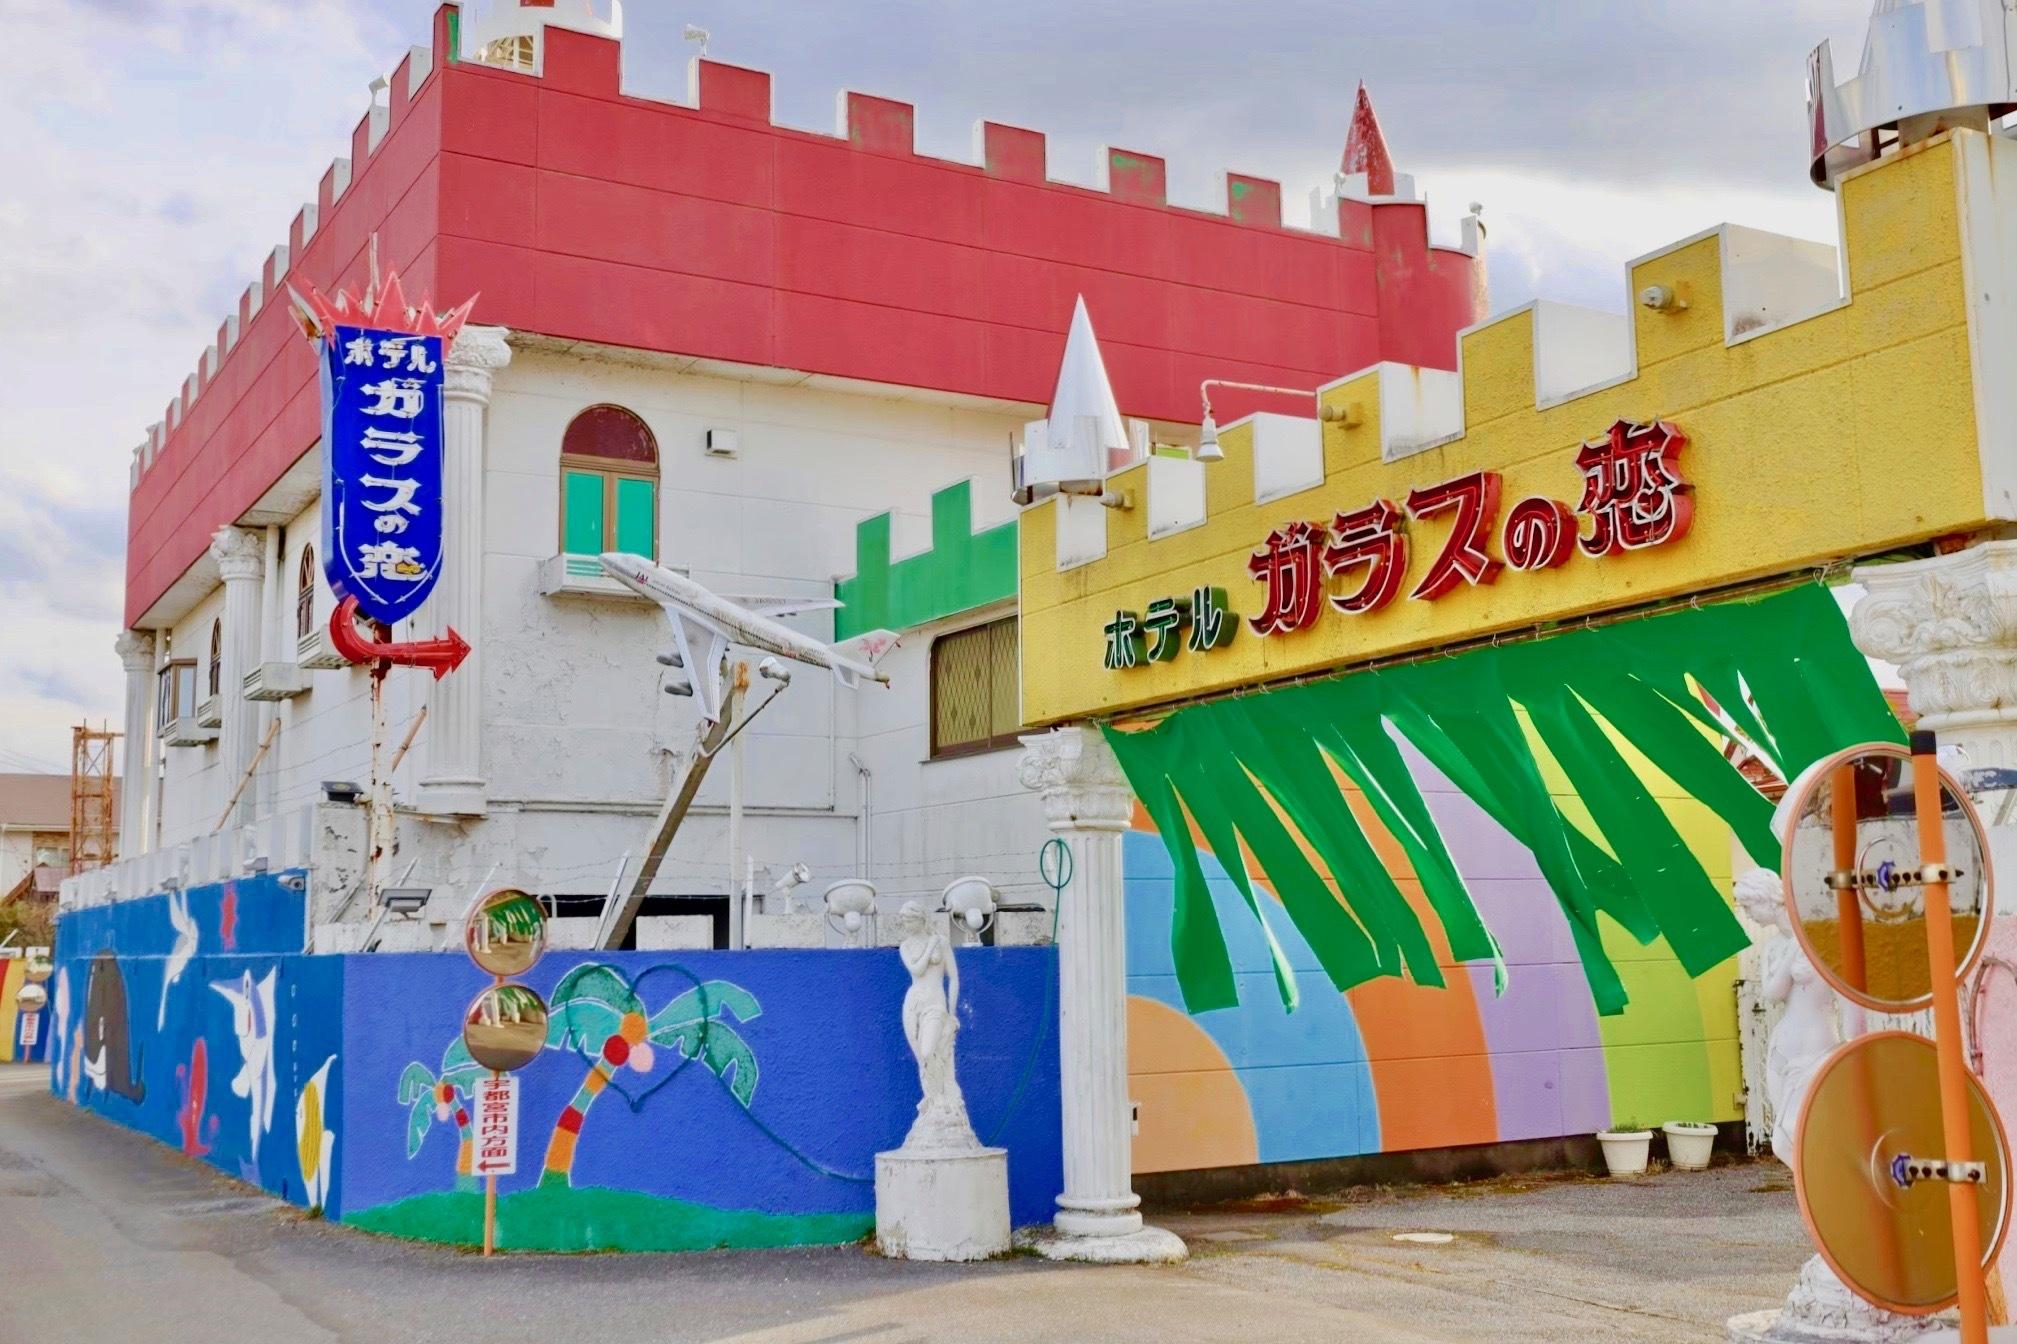 関東近郊、昭和レトロなラブホテル5選